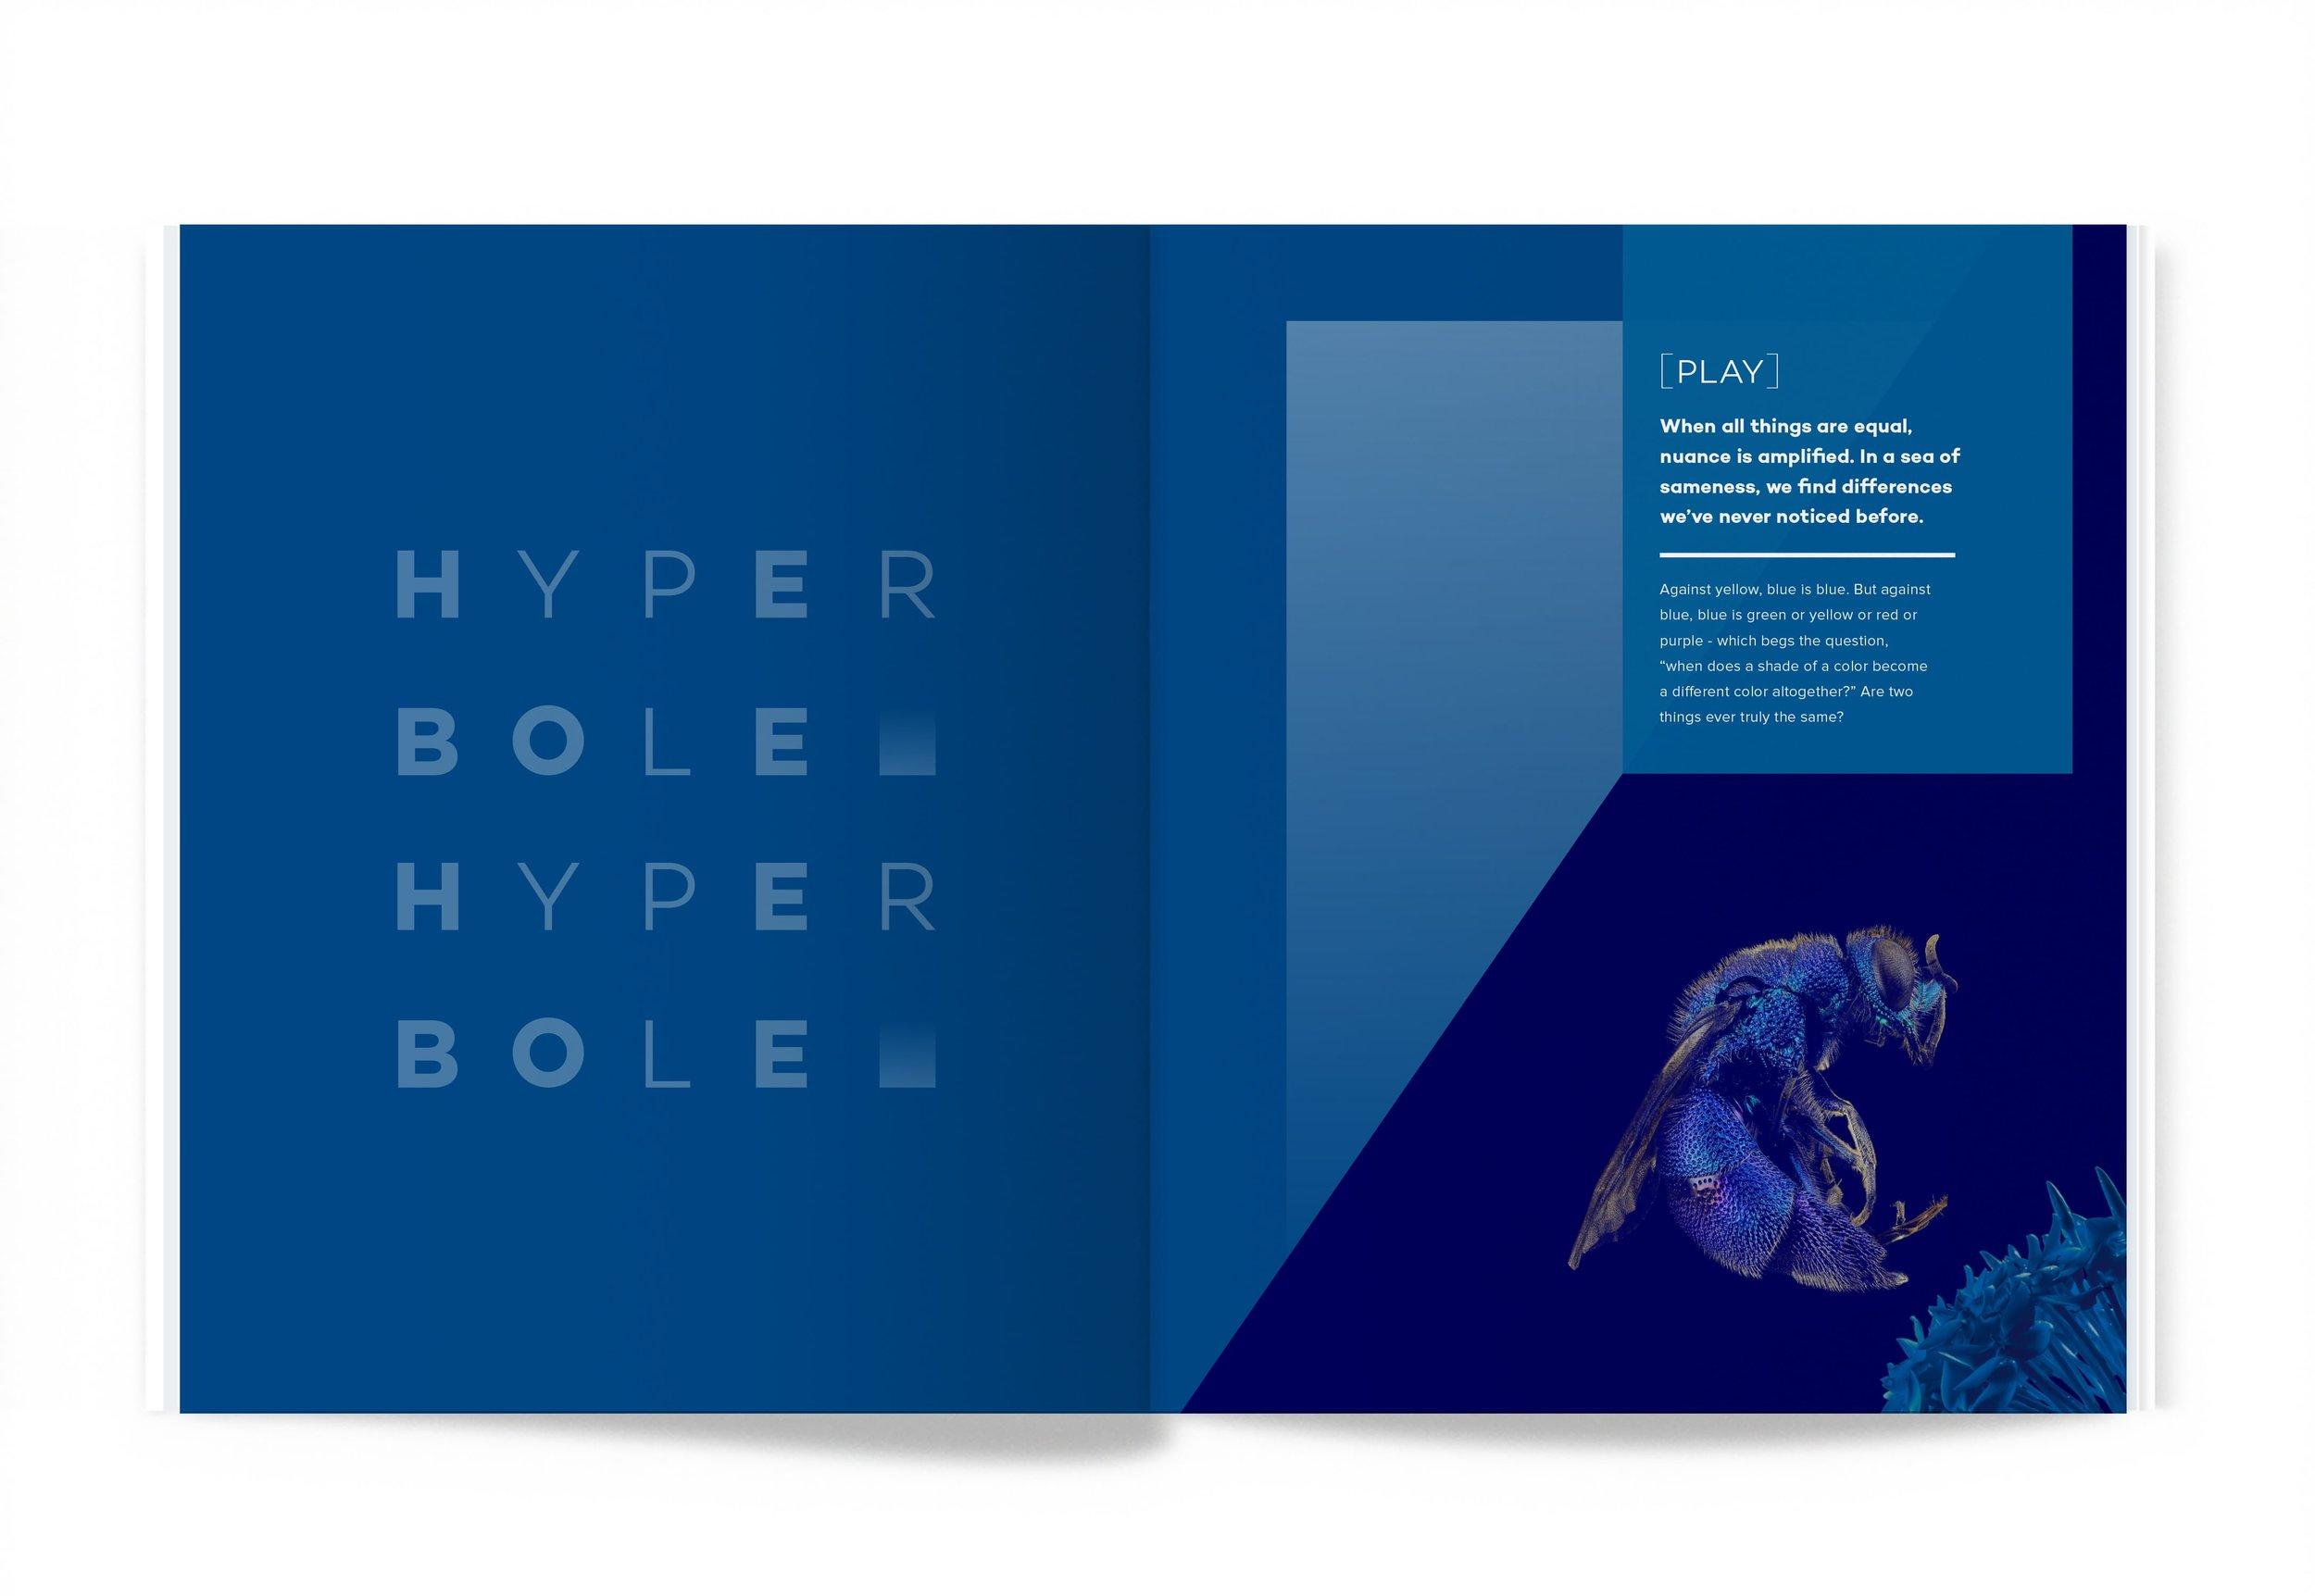 SHIFT-BlueBee-min.jpg